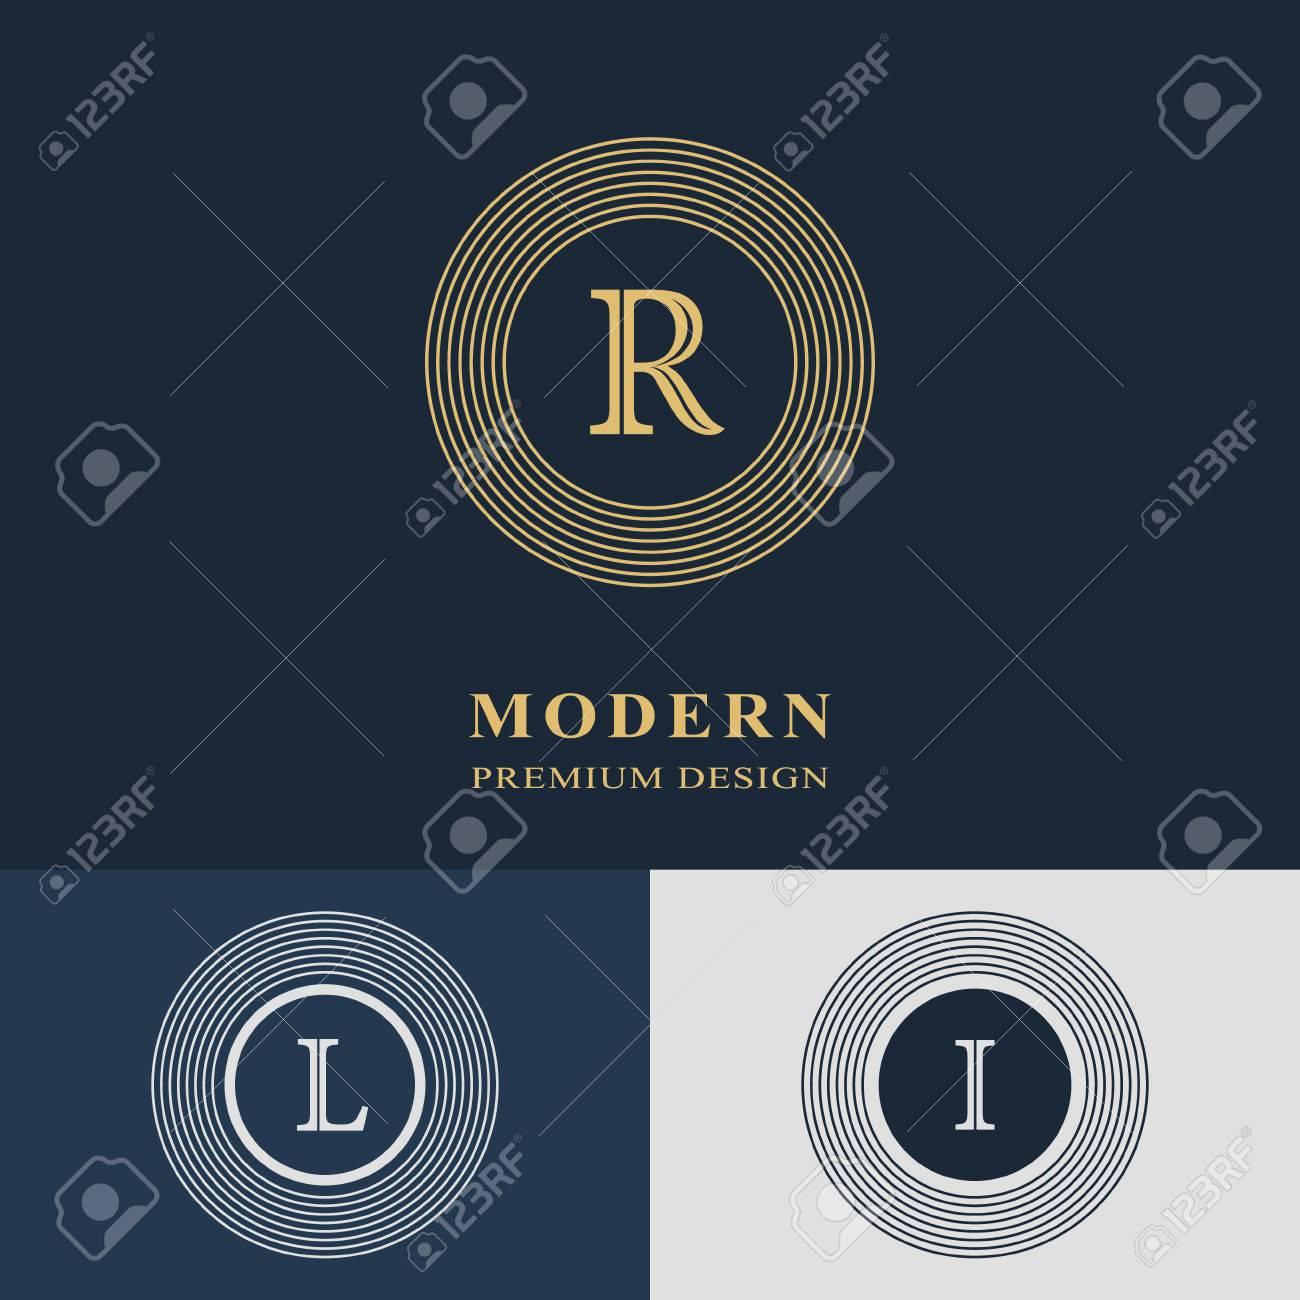 modern logo design geometric linear monogram template letter